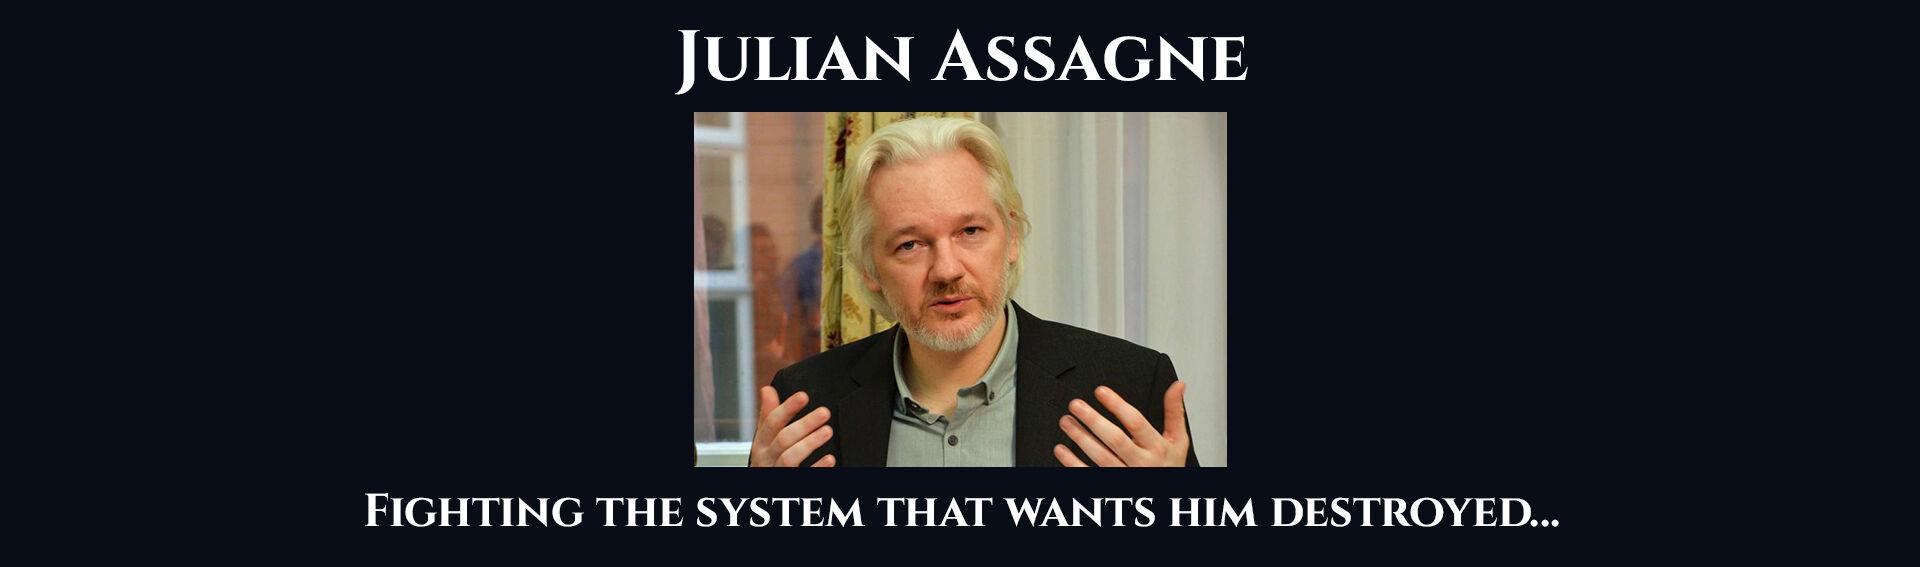 Absent Justice - Julian Assagne